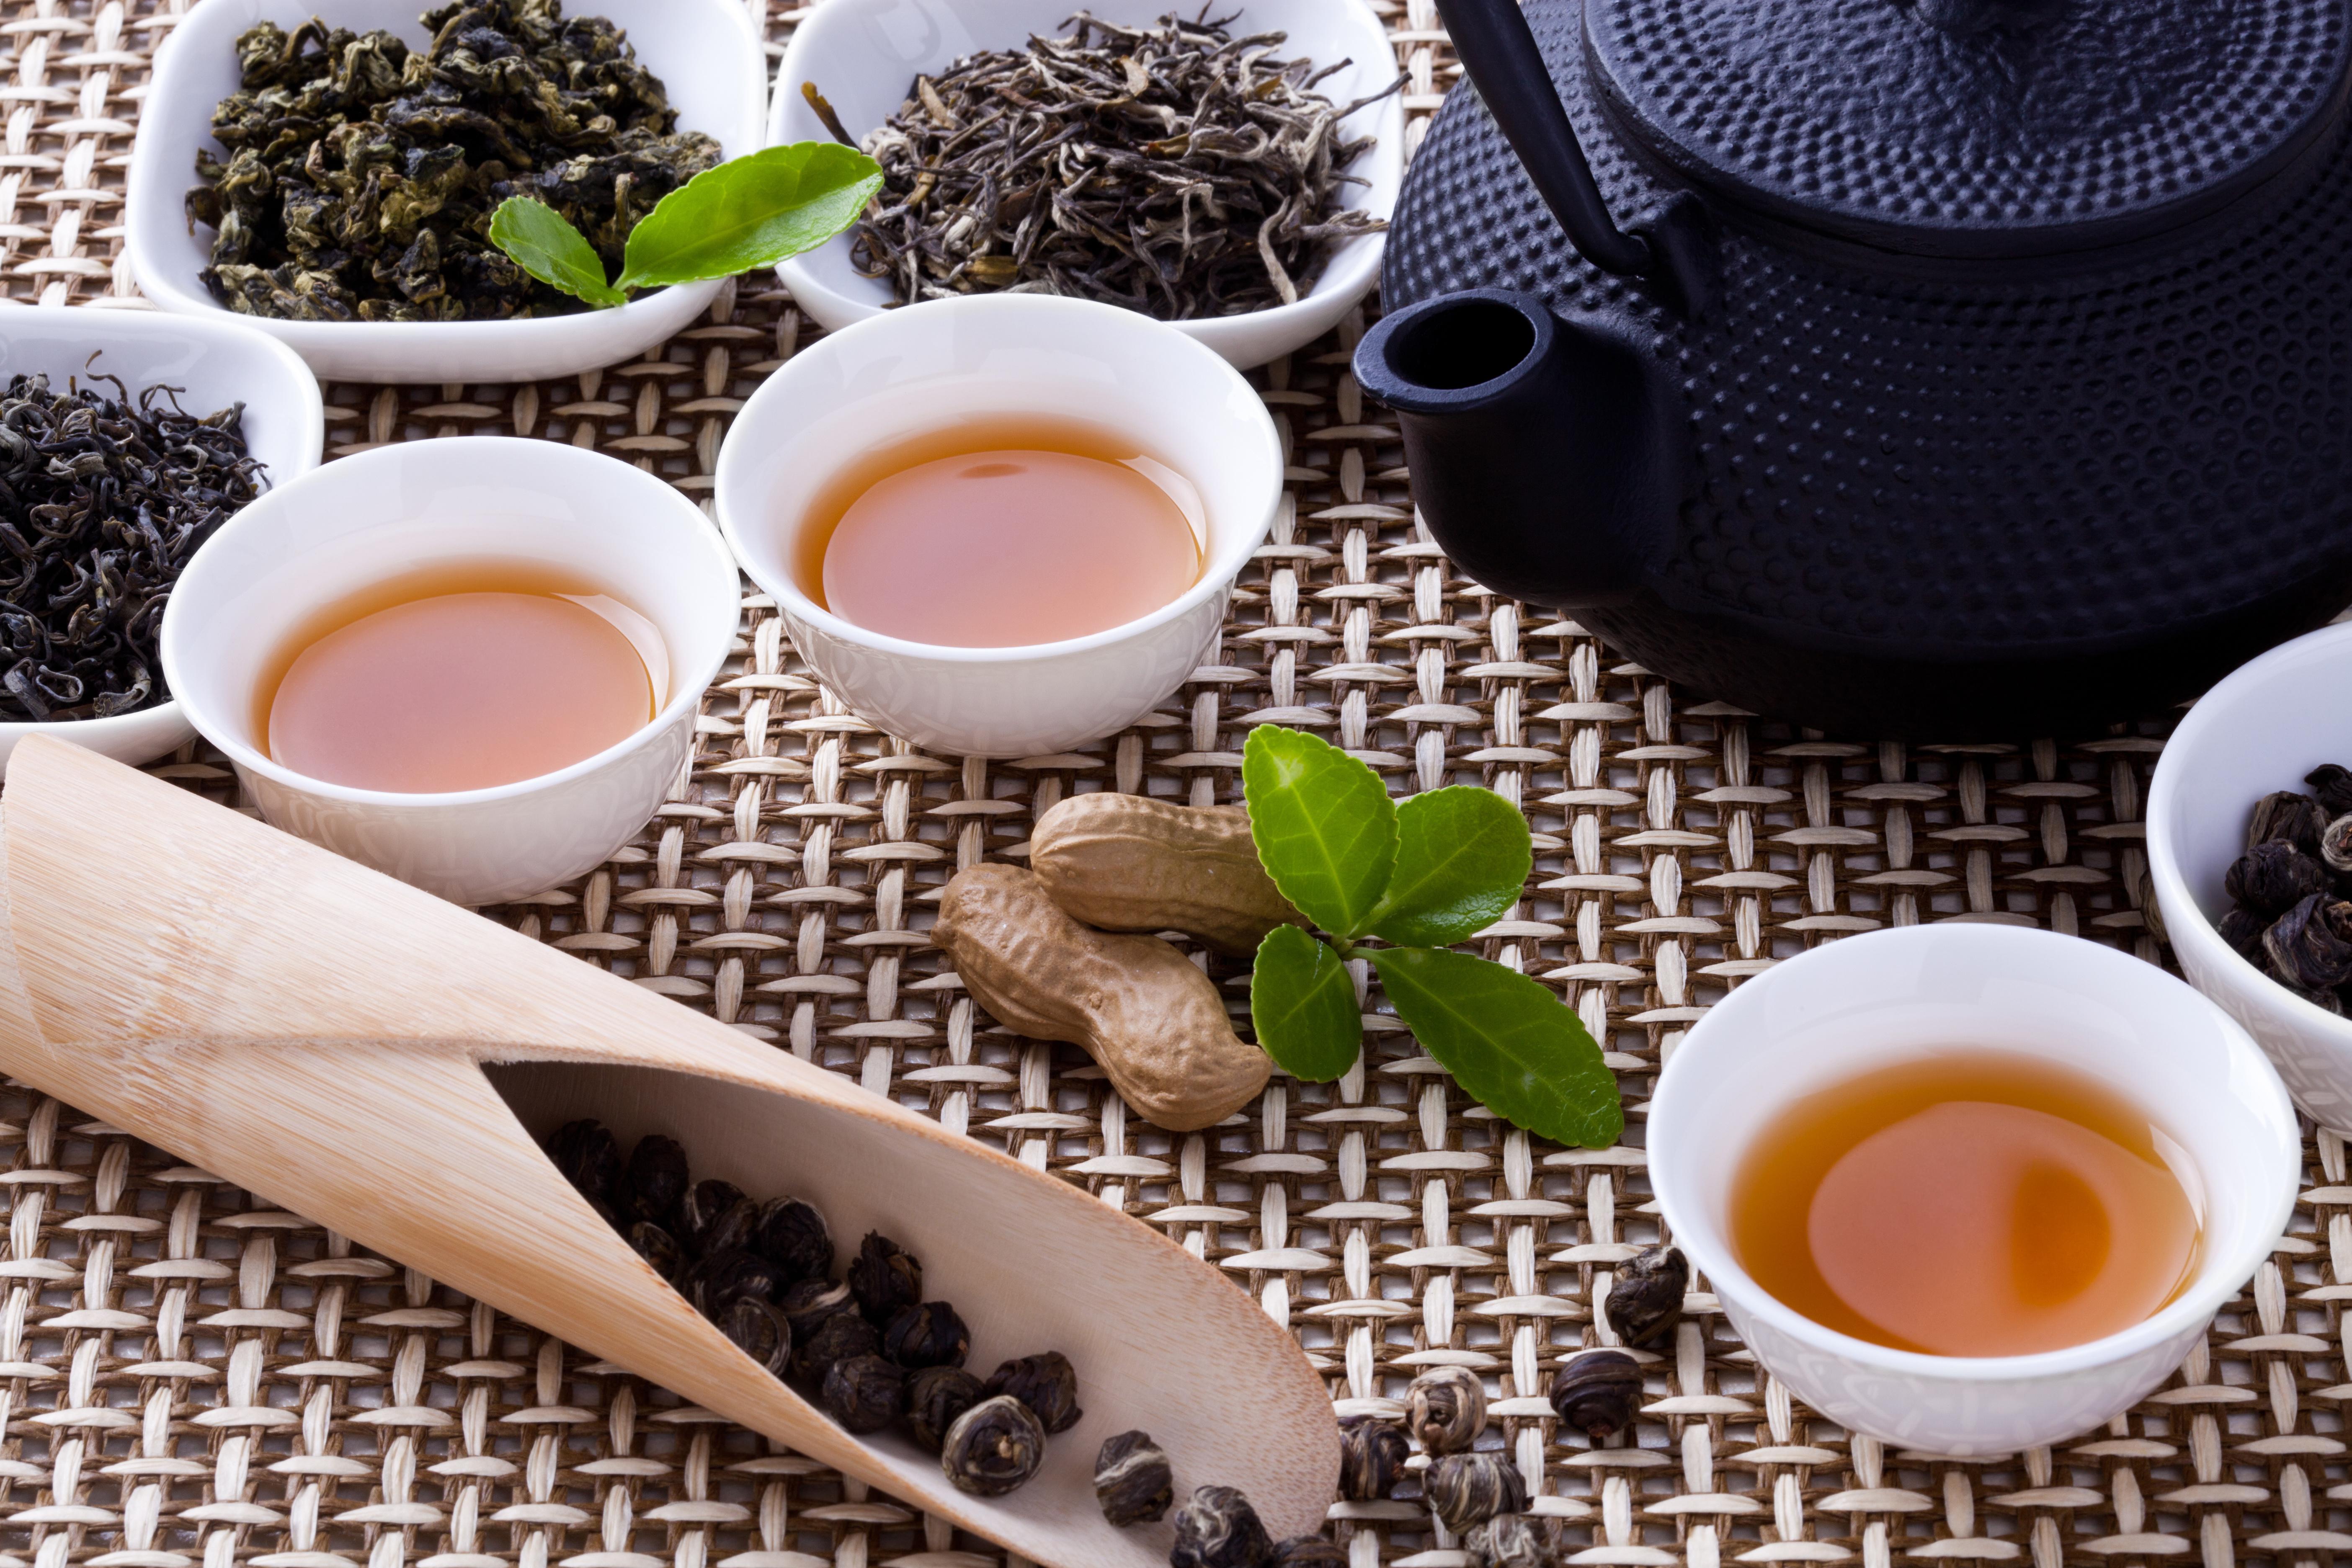 еда чай китай без смс